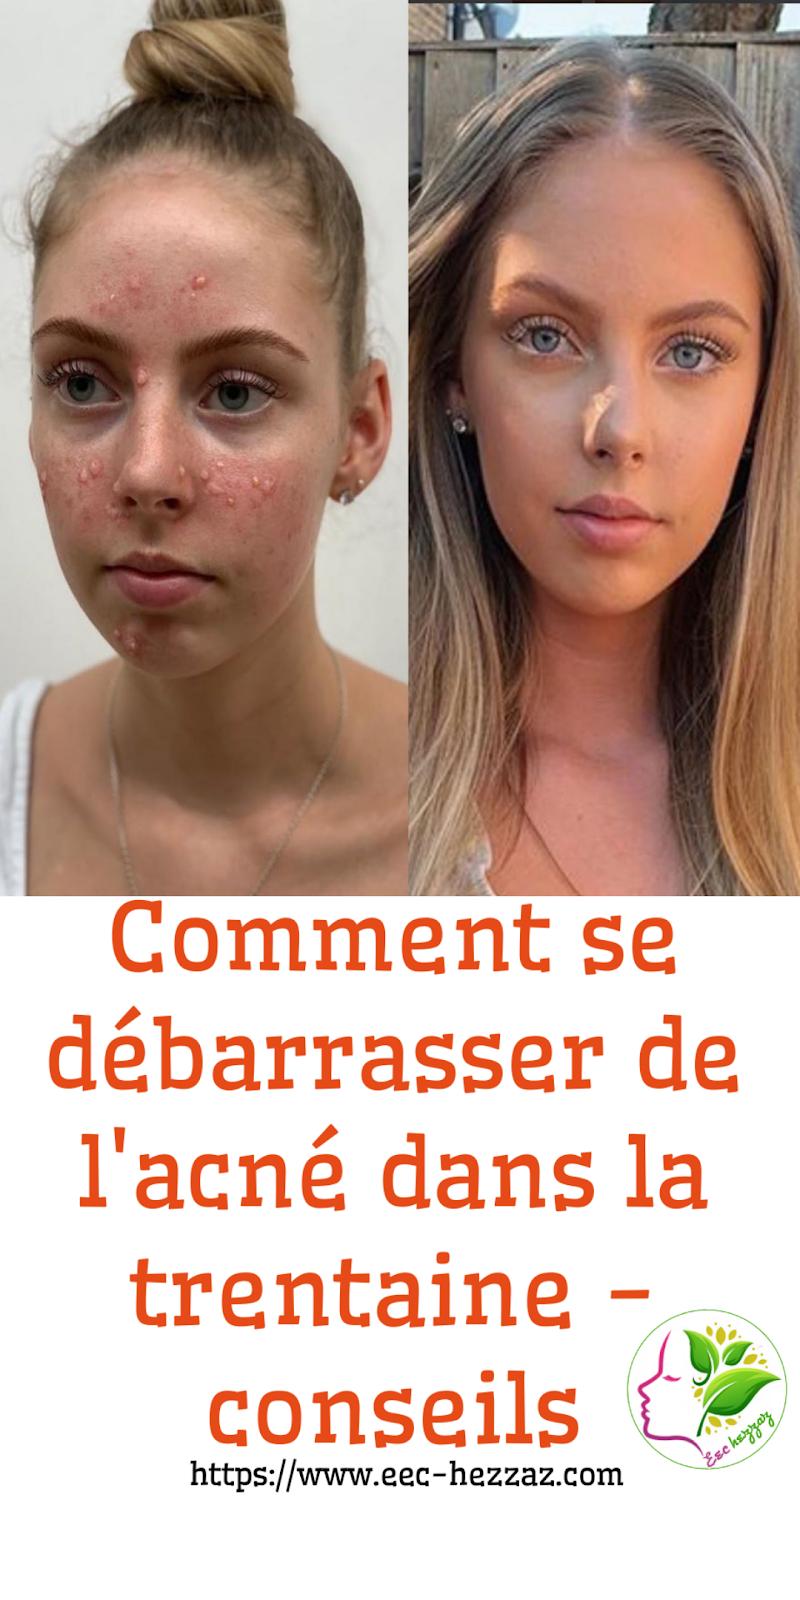 Comment se débarrasser de l'acné dans la trentaine - conseils